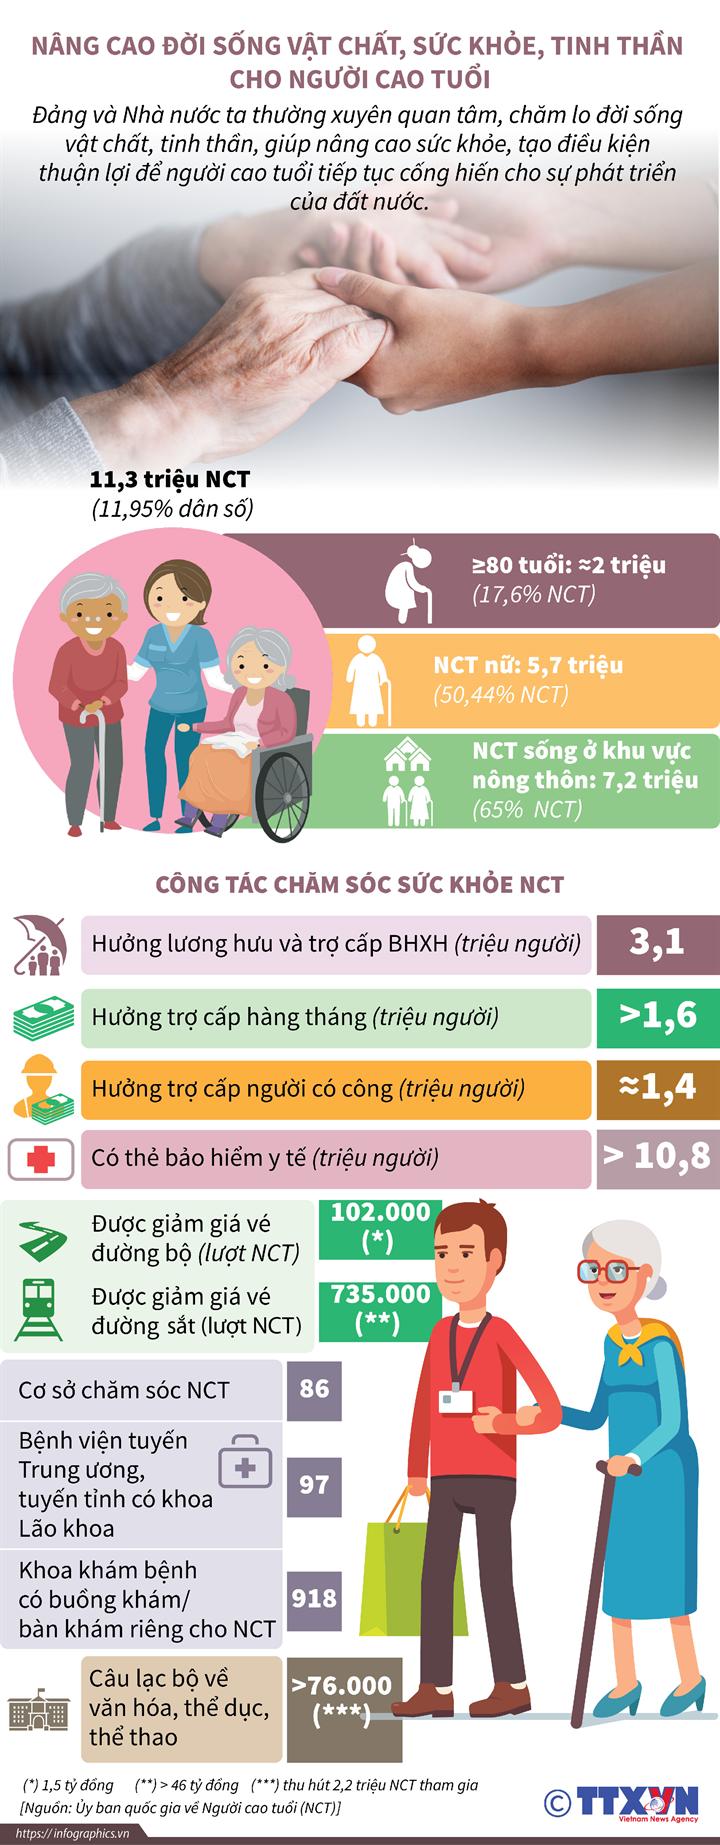 Nâng cao đời sống vật chất, sức khỏe, tinh thần cho người cao tuổi